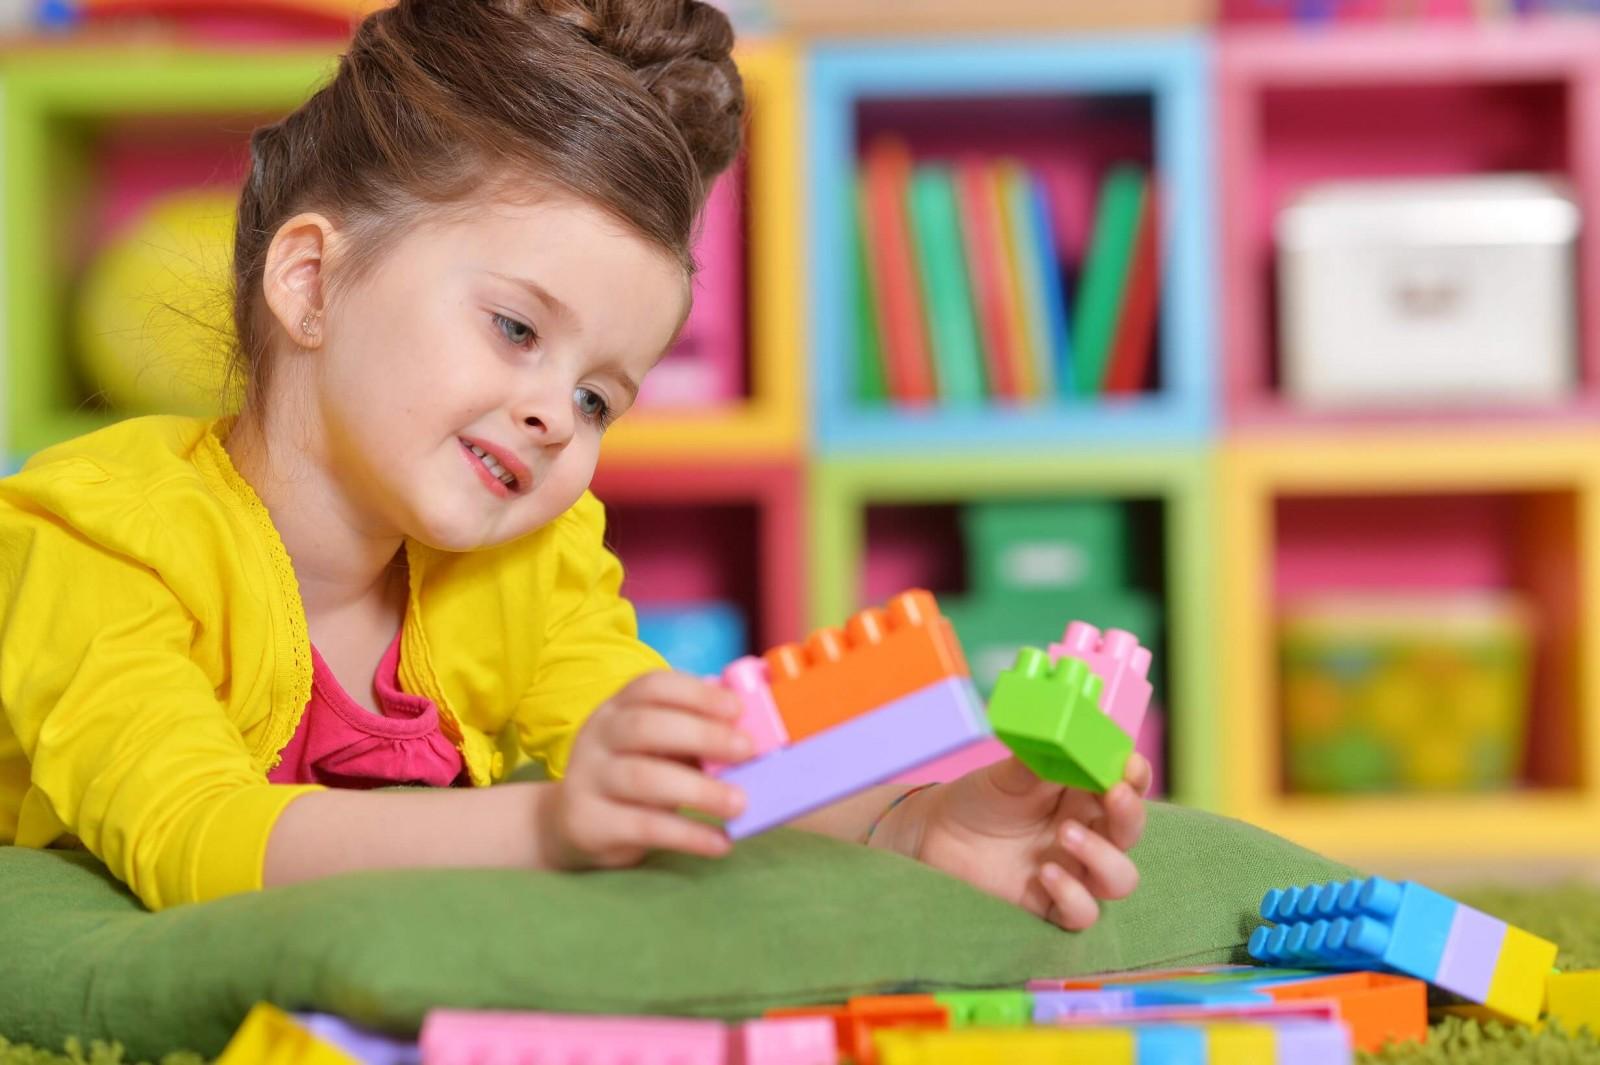 Дитячий садочок: перше враження та адаптація